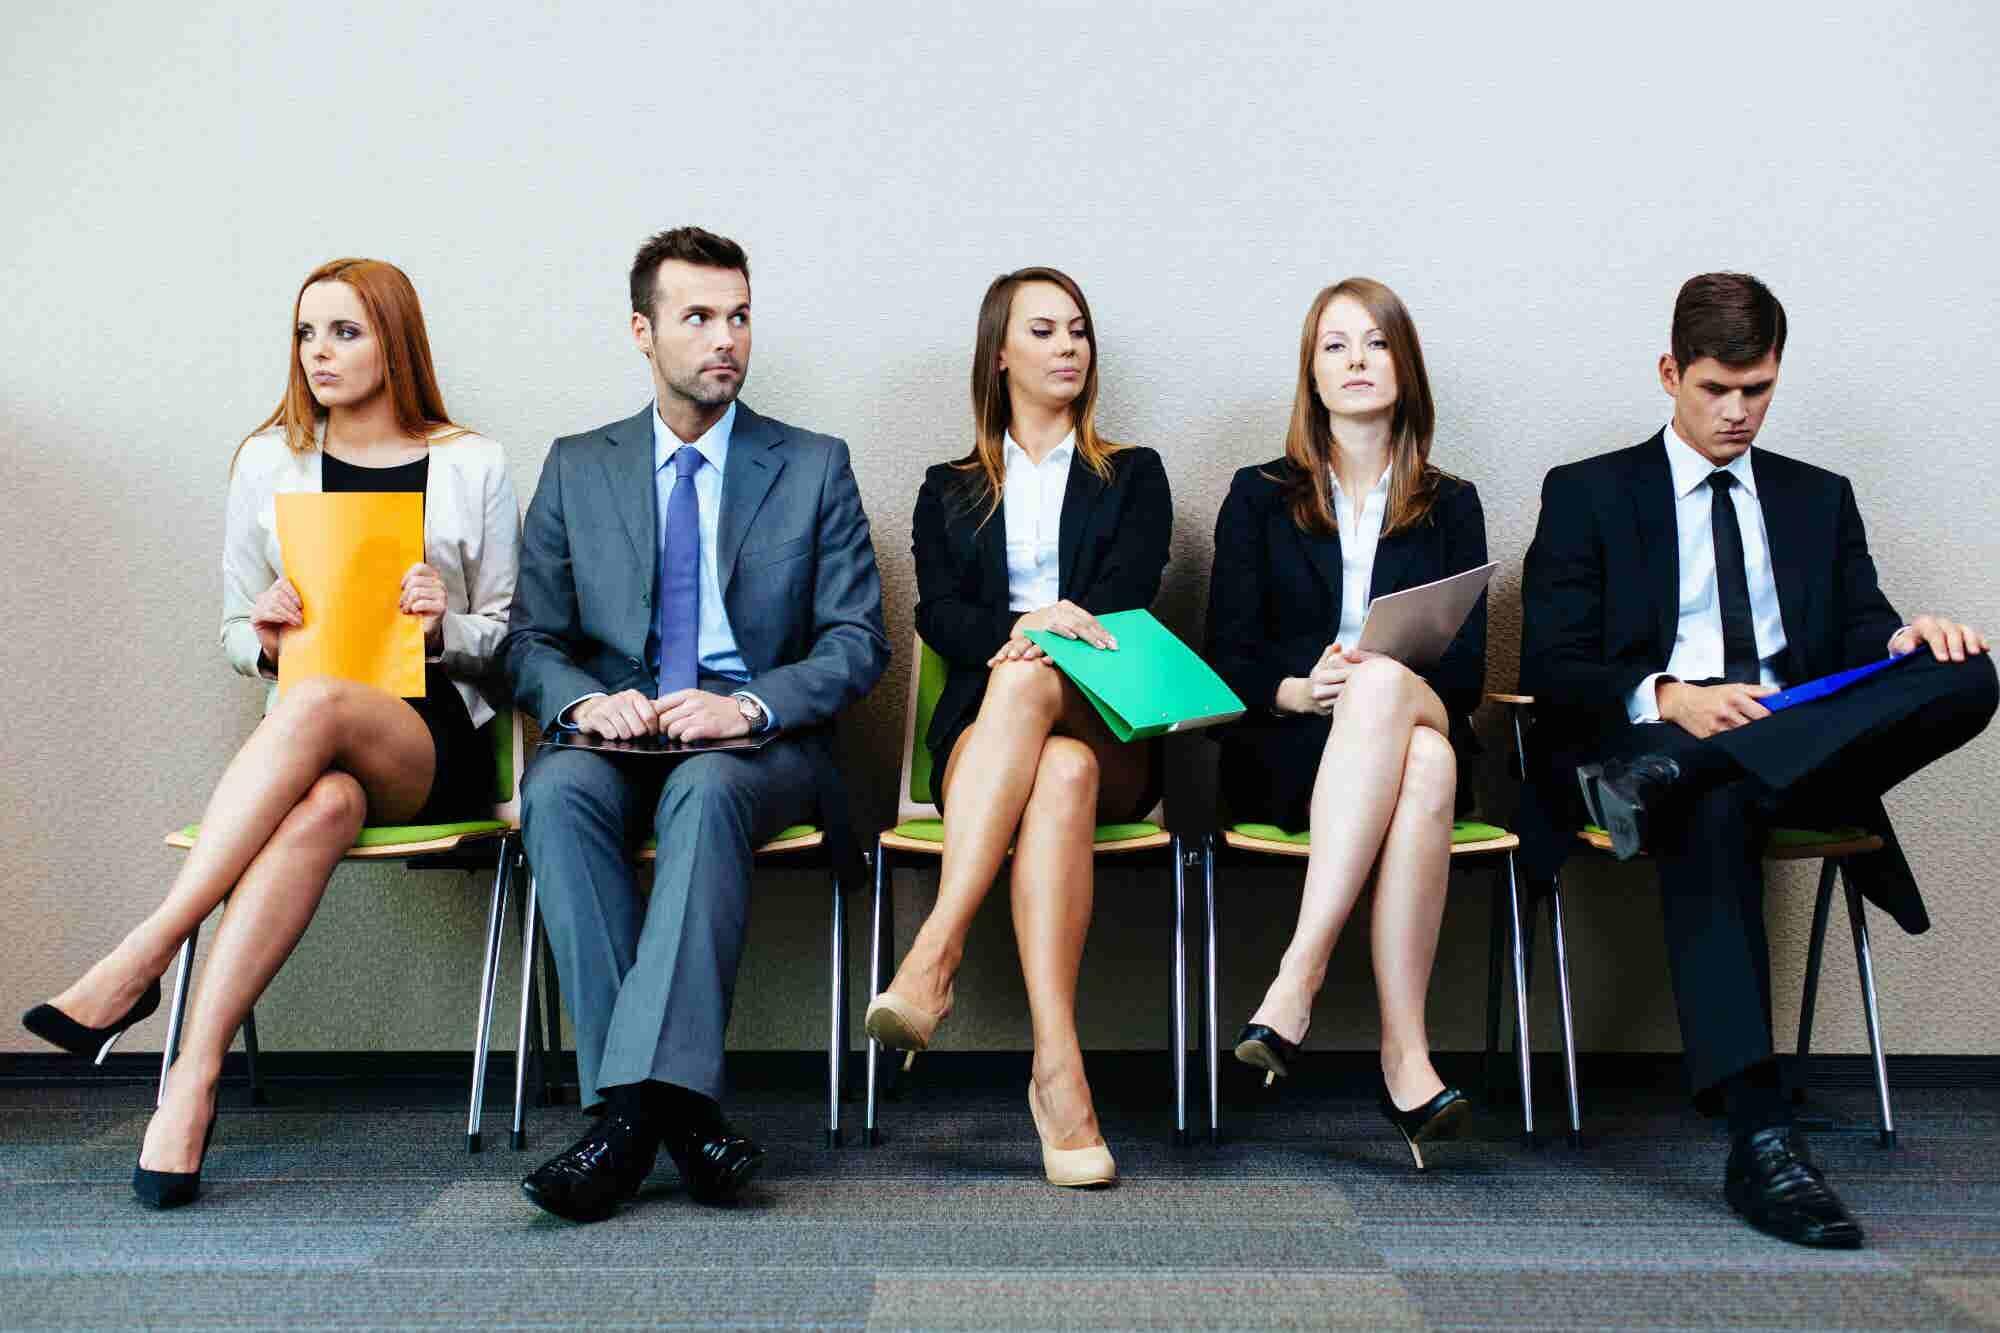 ¿Cómo pasar una entrevista de trabajo?